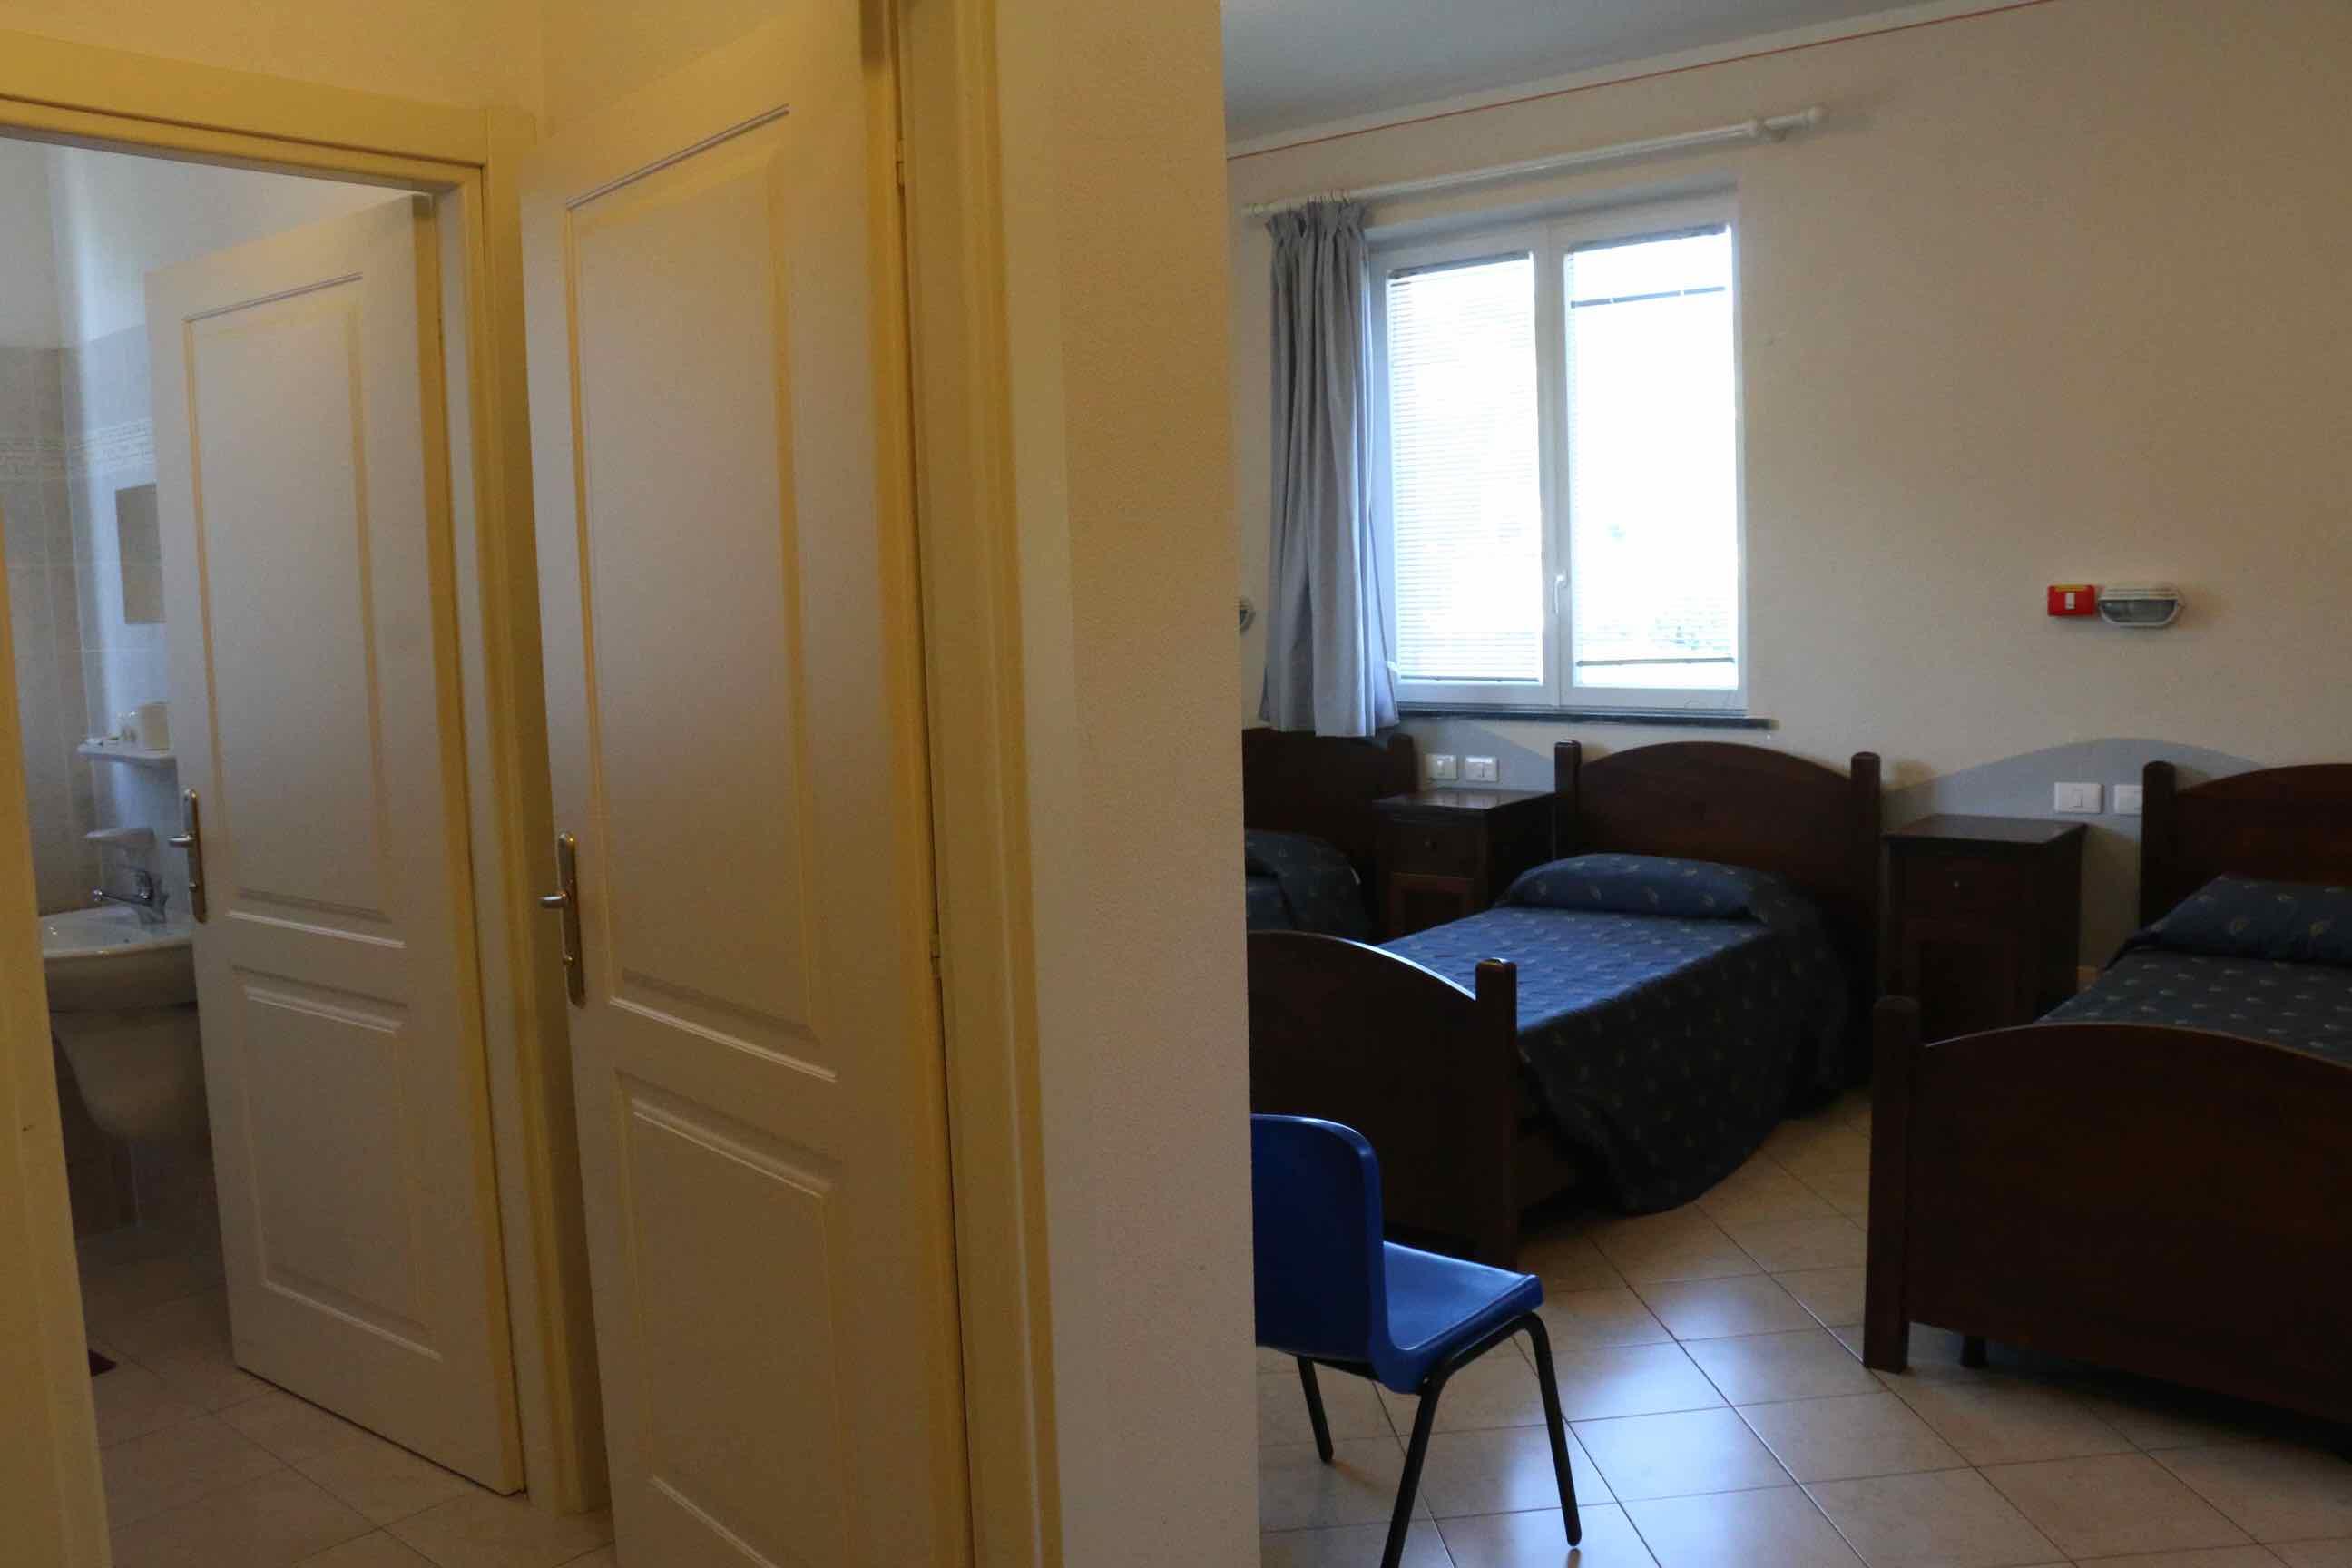 Casa per Ferie Villaggio Ospitale - Centro San Salvatore Villaggio del Ragazzo - 4